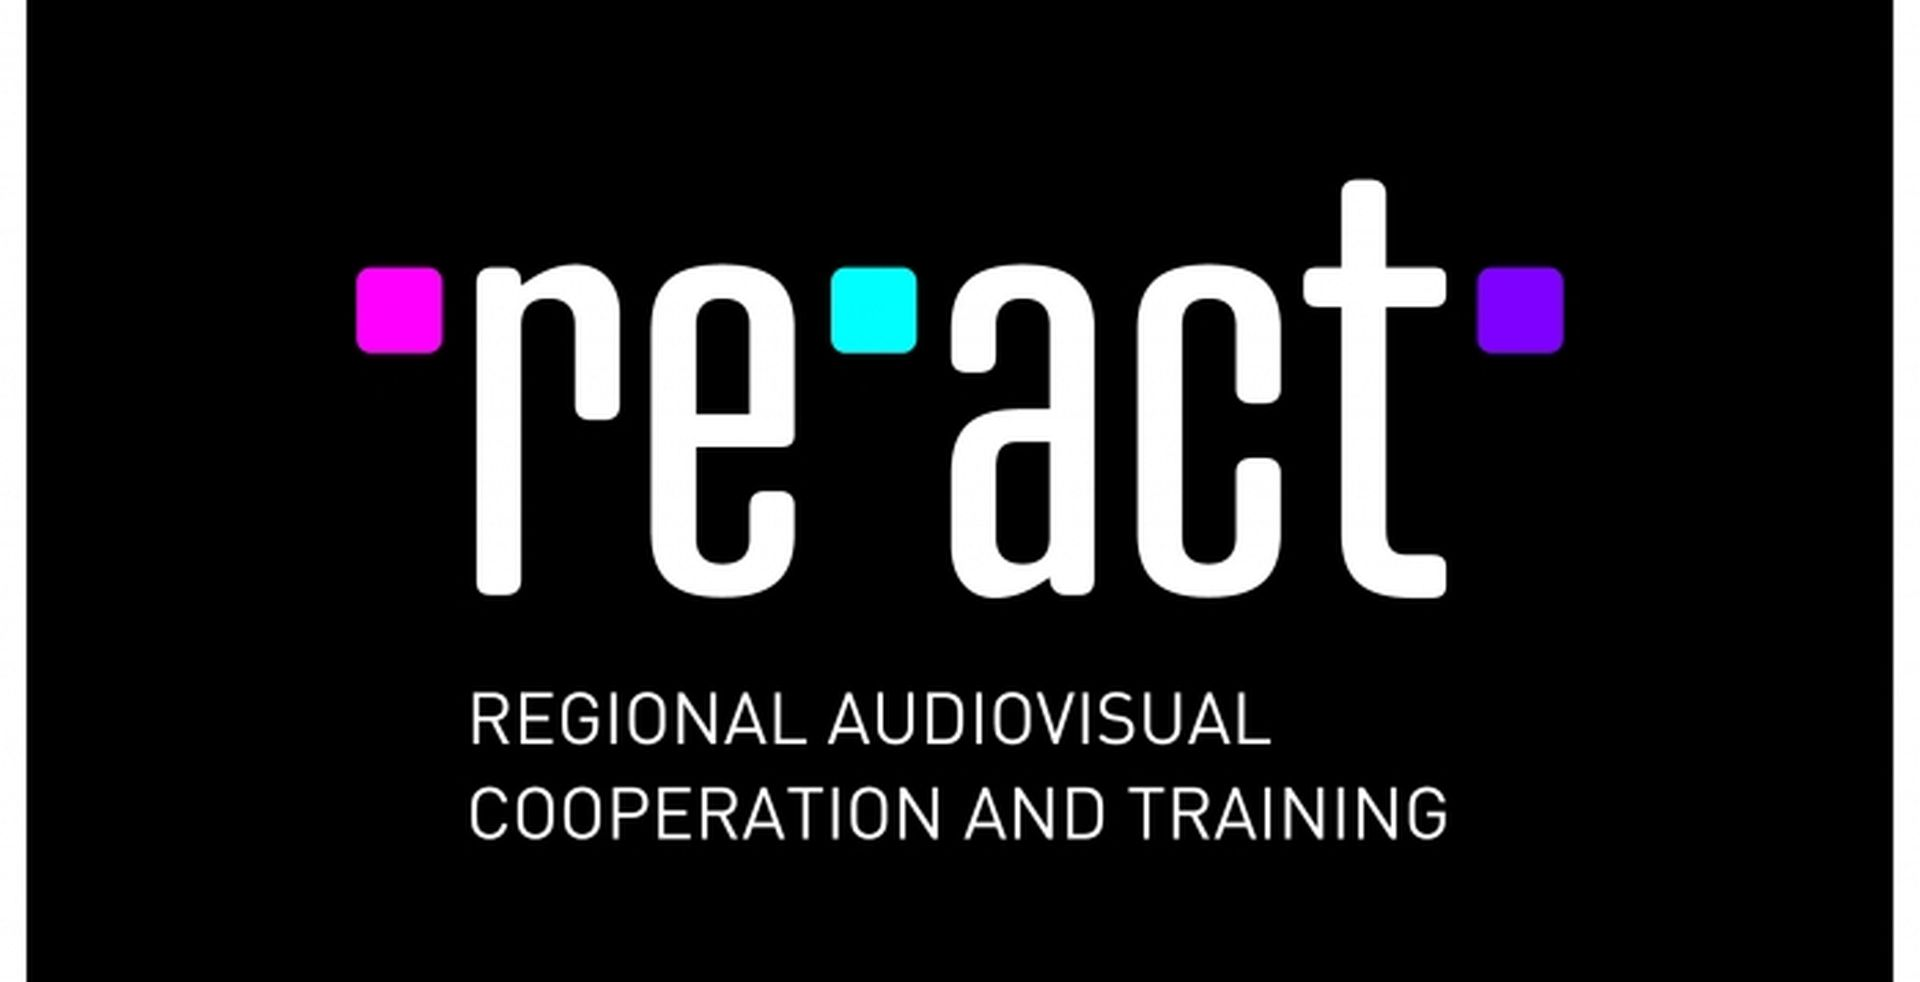 Otvoren poziv za RE-ACT-ov razvoj koprodukcijskih projekata za 2017. godinu